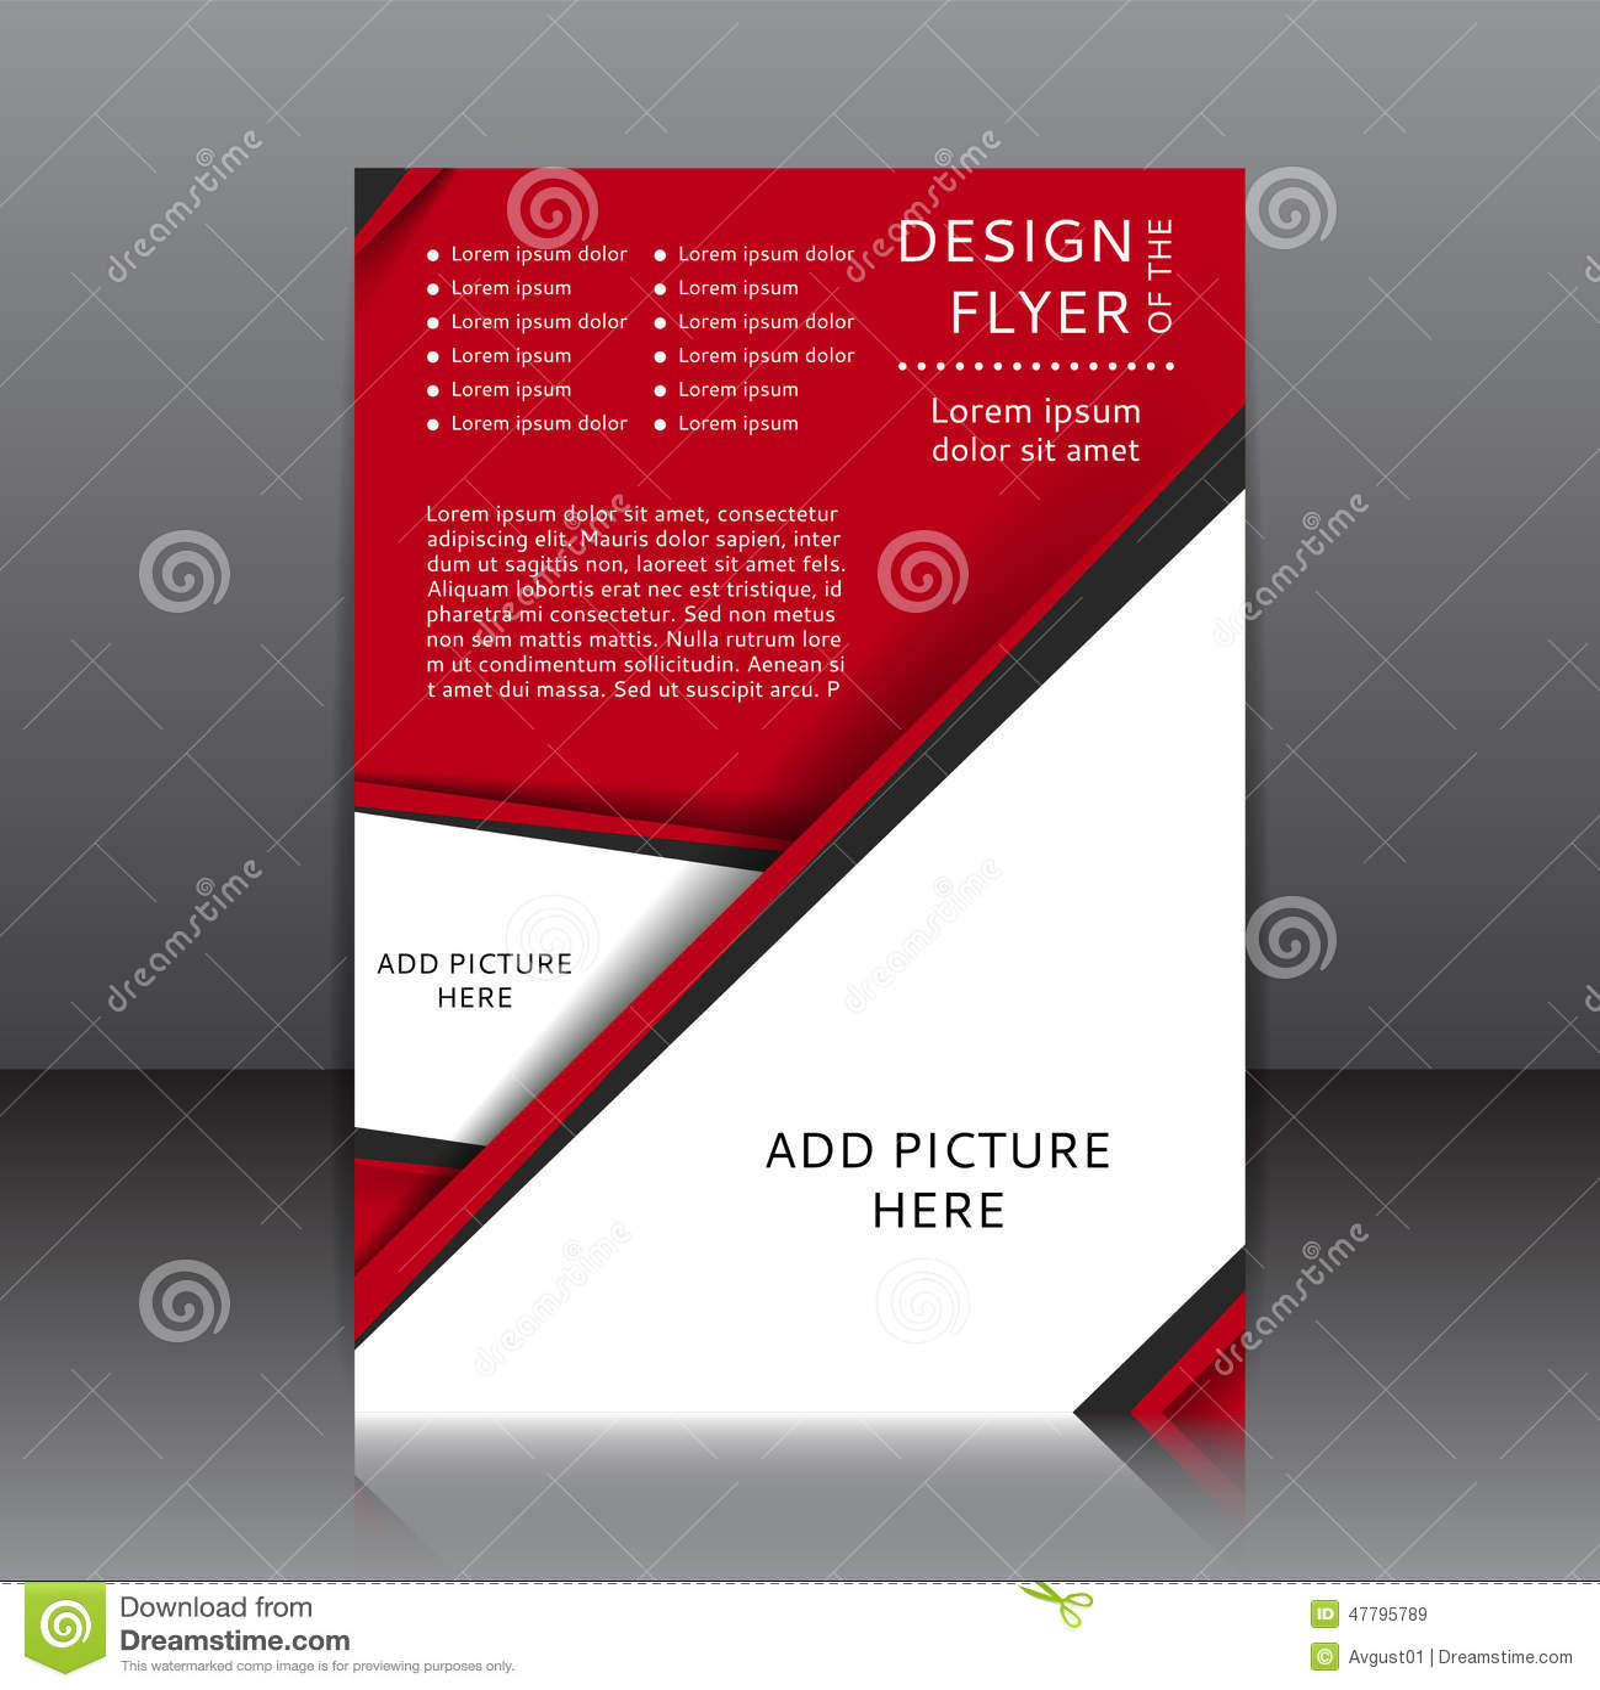 Vektordesign av den röda reklambladet med svarta beståndsdelar och ställen för bilder